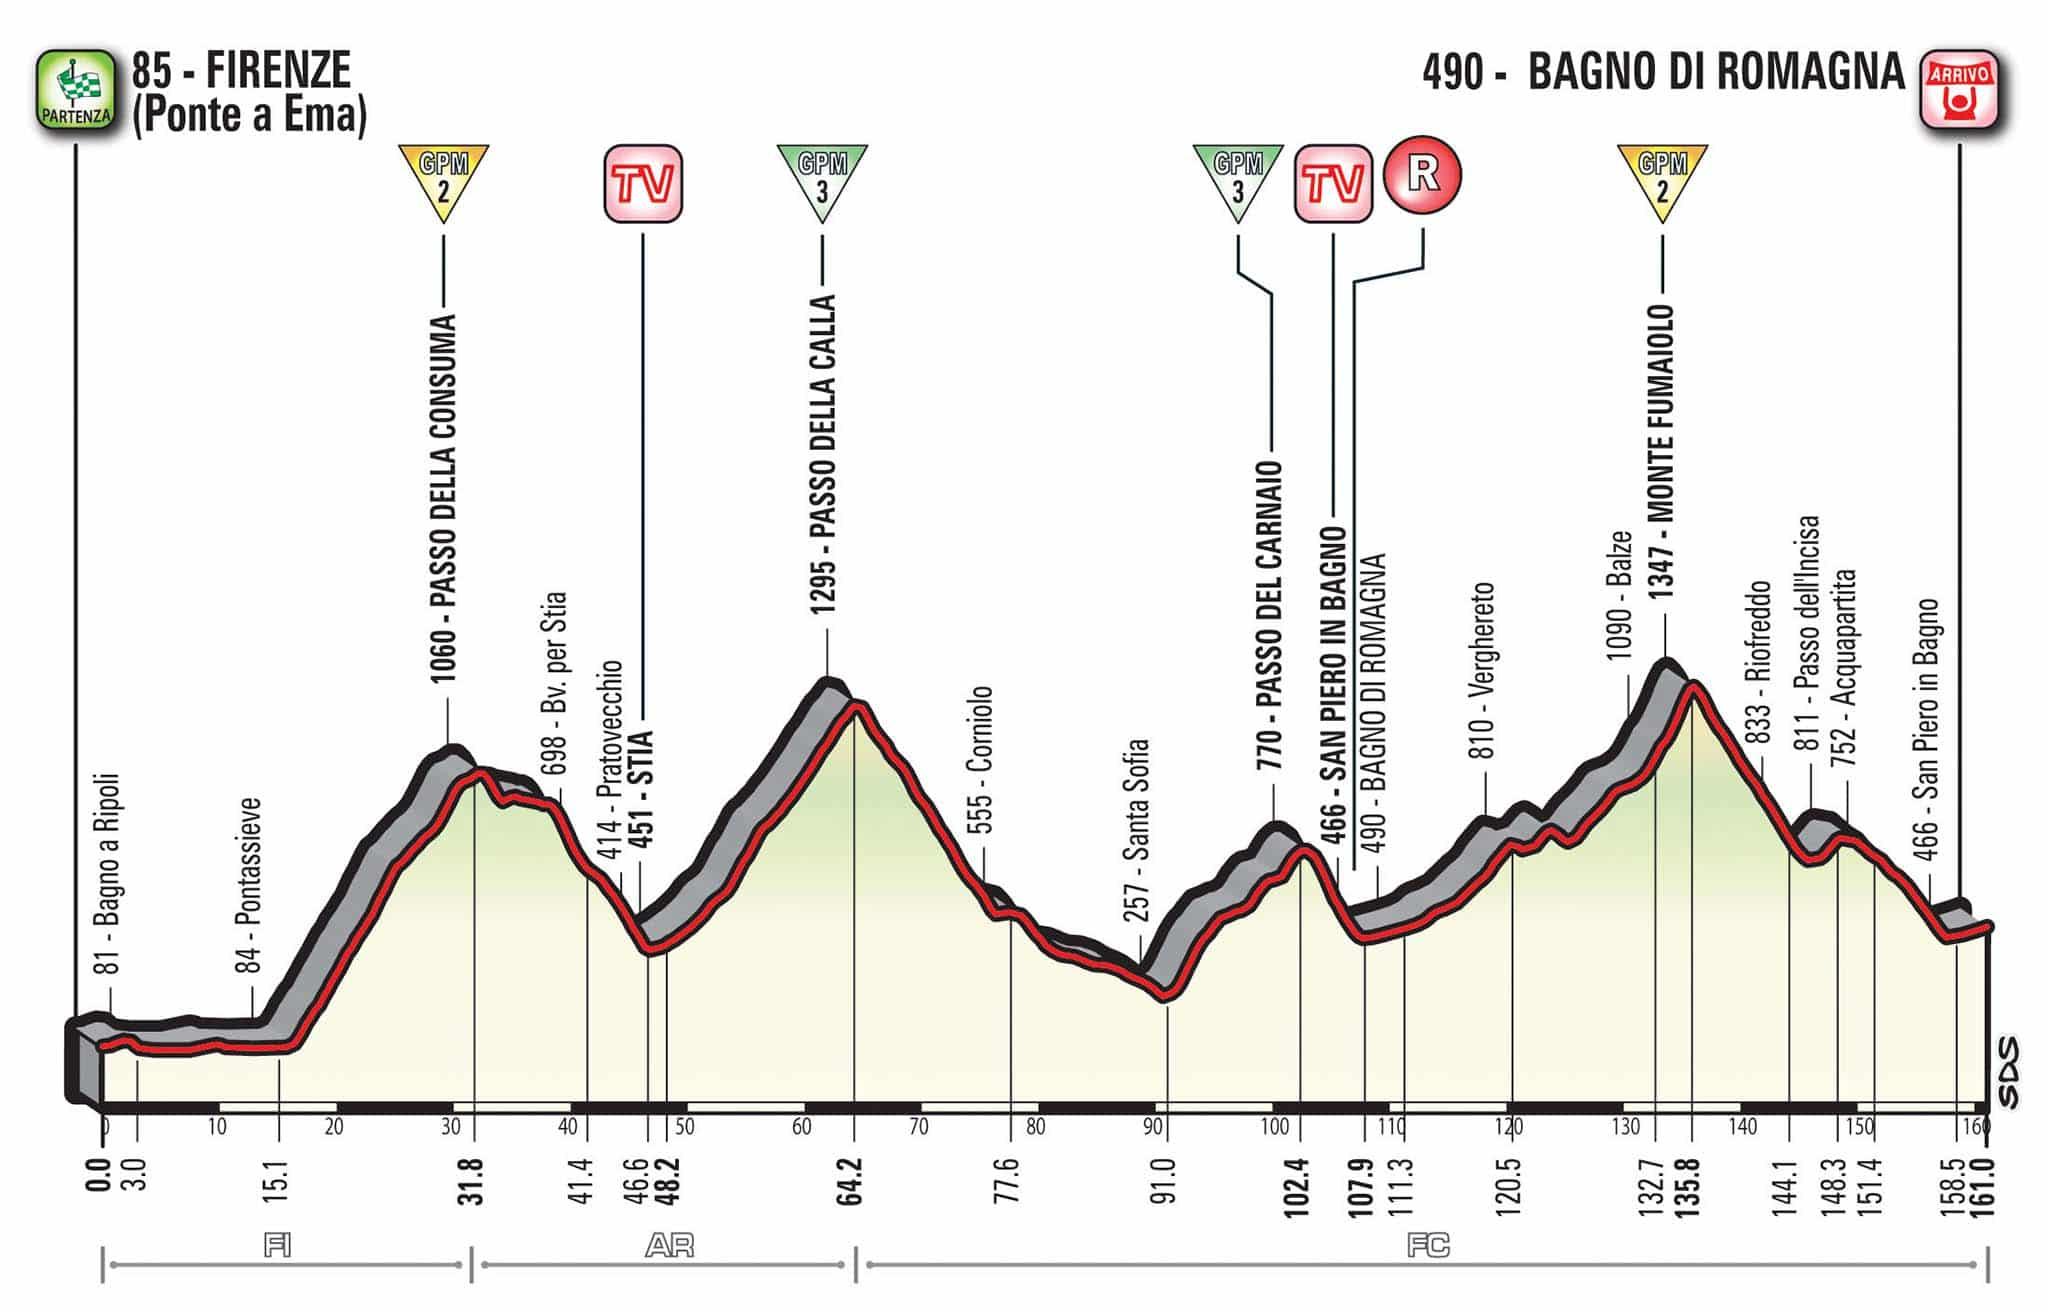 Giro d'Italia: Greipel vince seconda tappa ed è maglia rosa